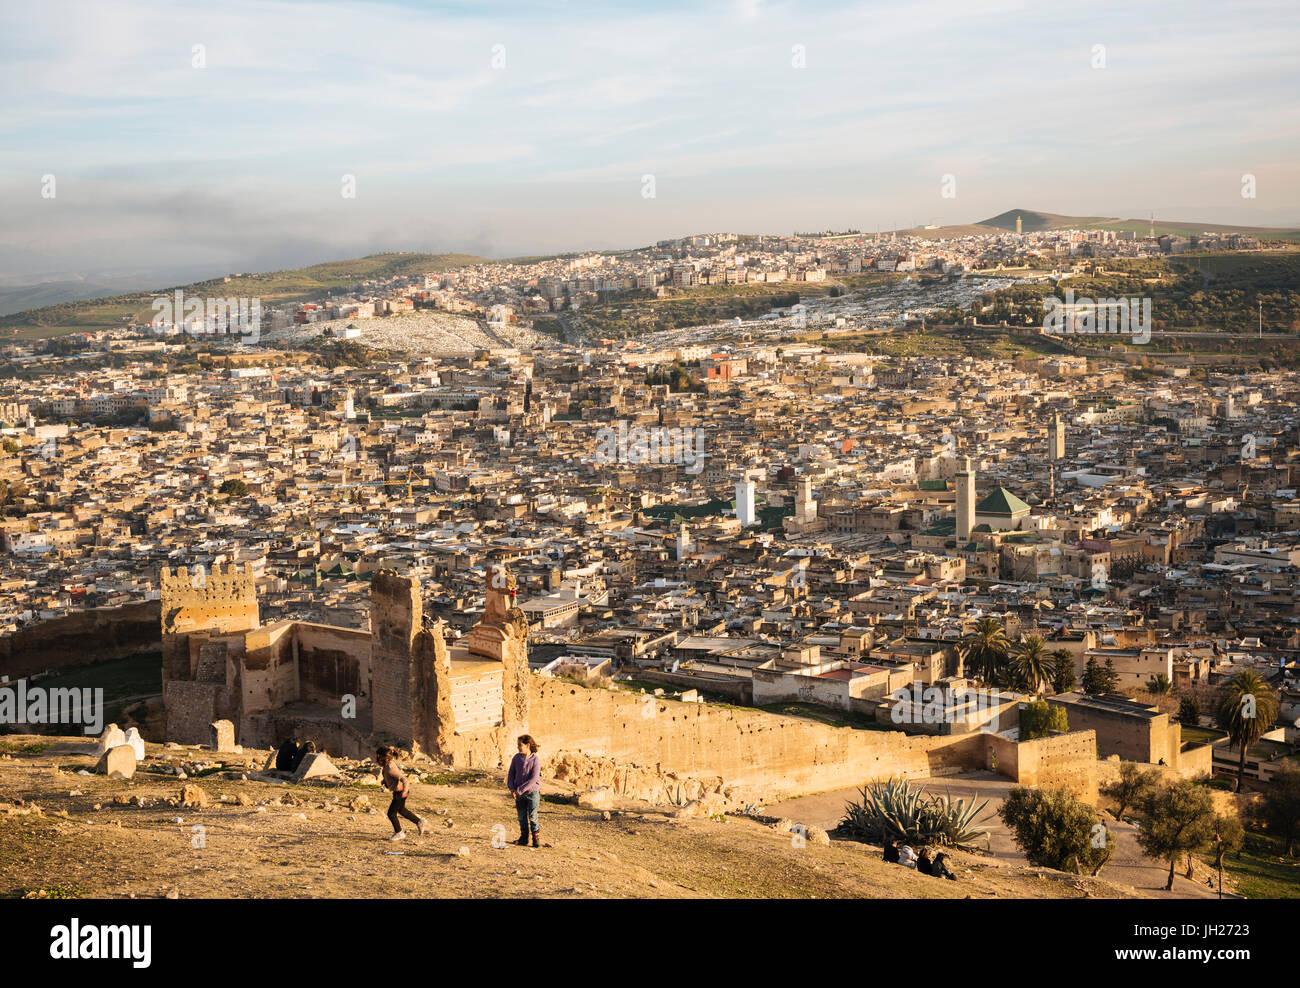 Blick über die Dächer von Merenid Gräber bei Sonnenuntergang, Fes, Marokko, Nordafrika, Afrika Stockbild